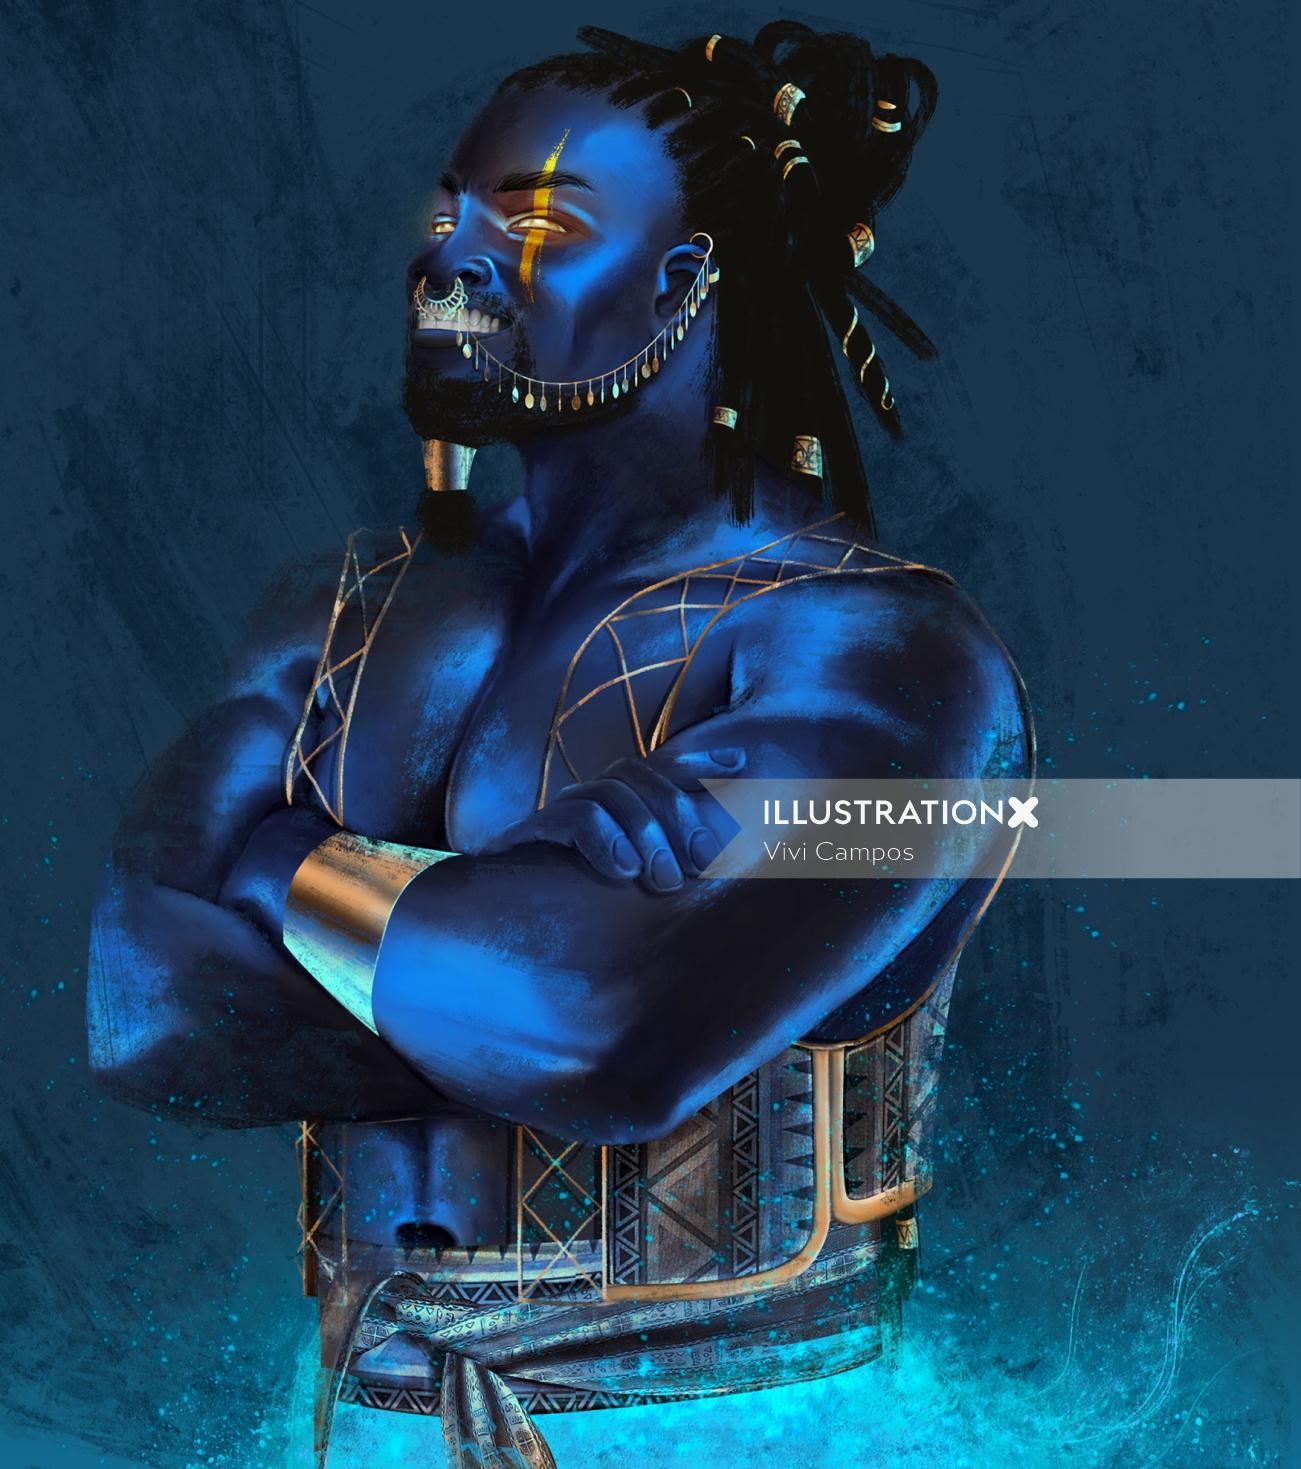 mythological character illustration